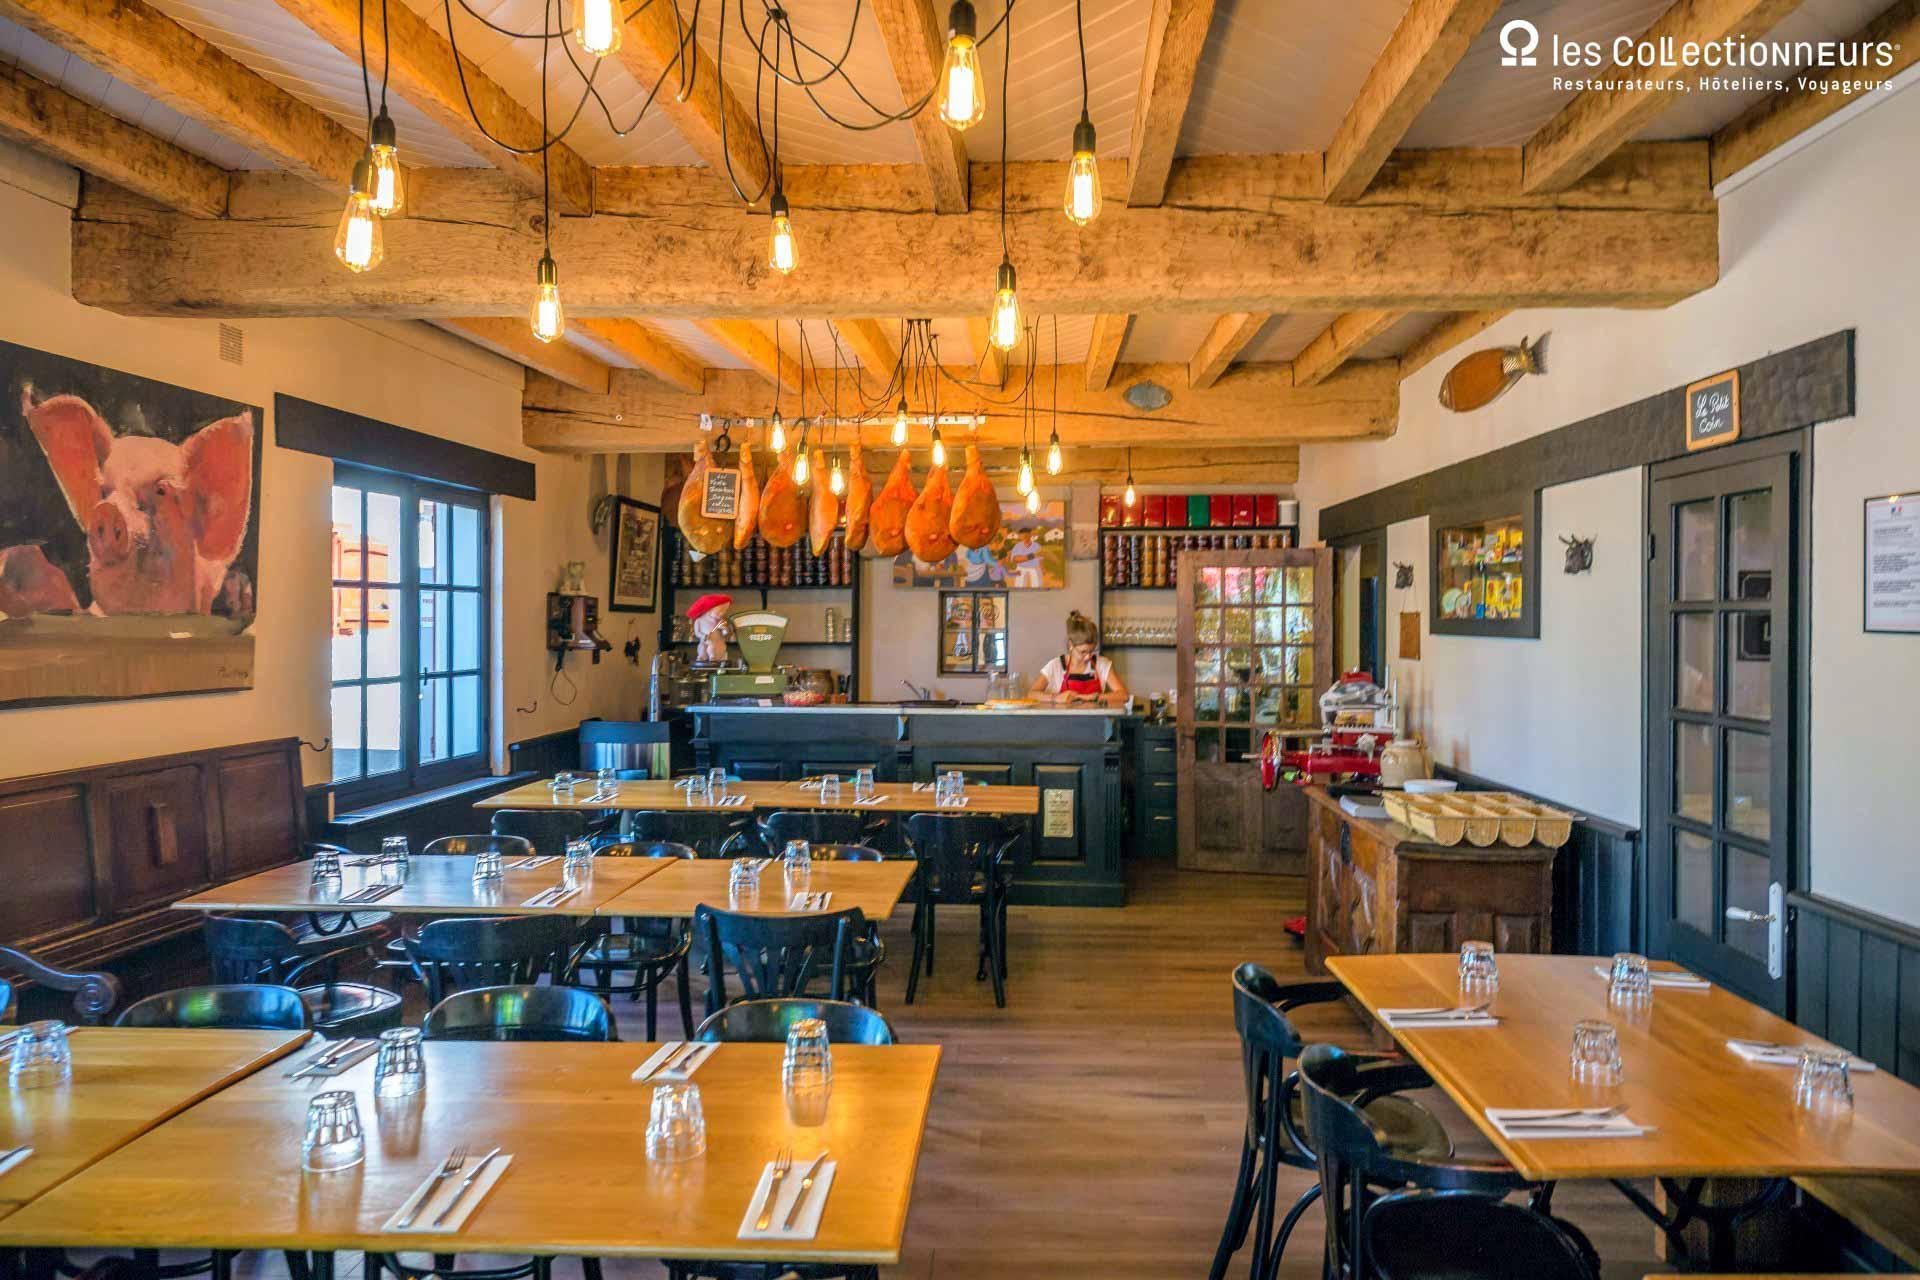 Hôtel Ithurria — Salle du restaurant © Les Collectionneurs